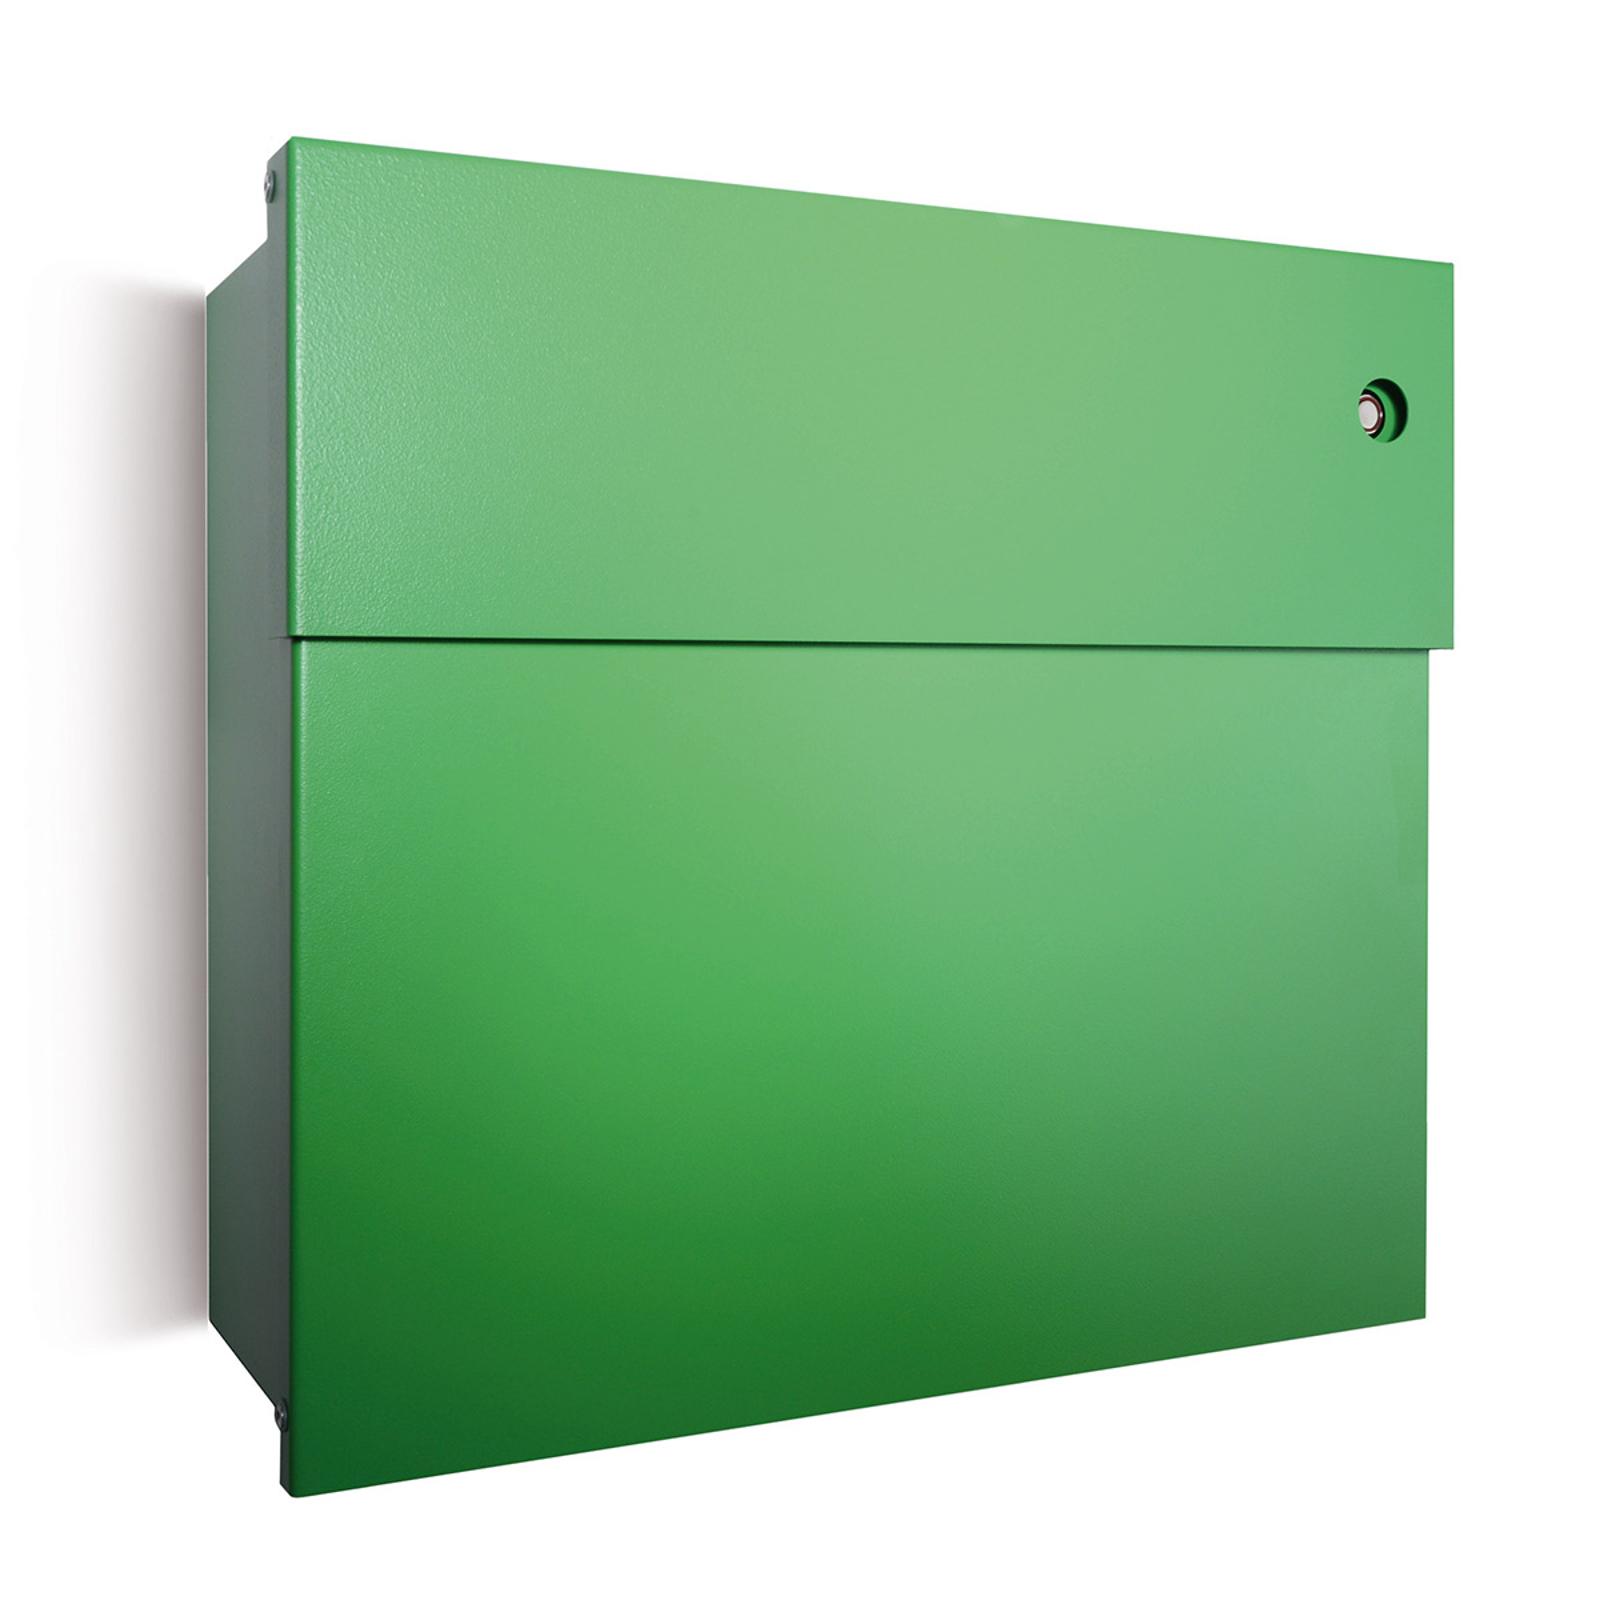 Poštová schránka Letterman IV zvonček, zelená_1057144_1